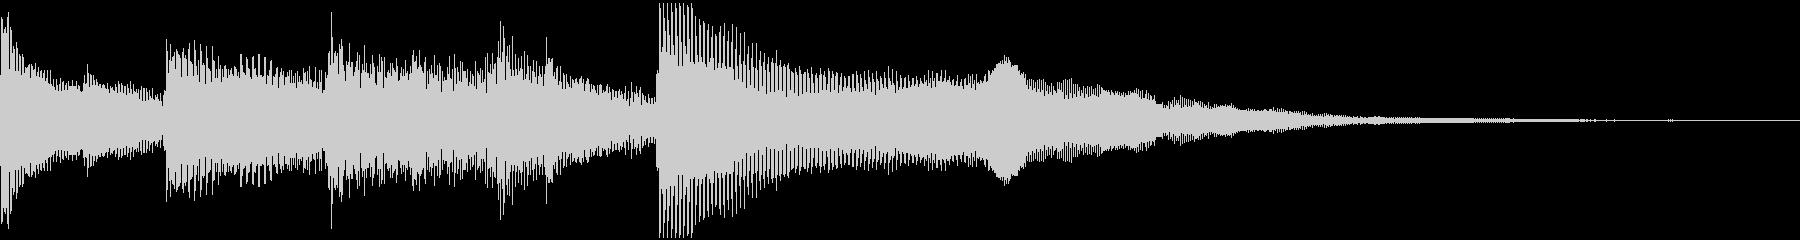 美しいピアノ、グロッケンシュピール...の未再生の波形